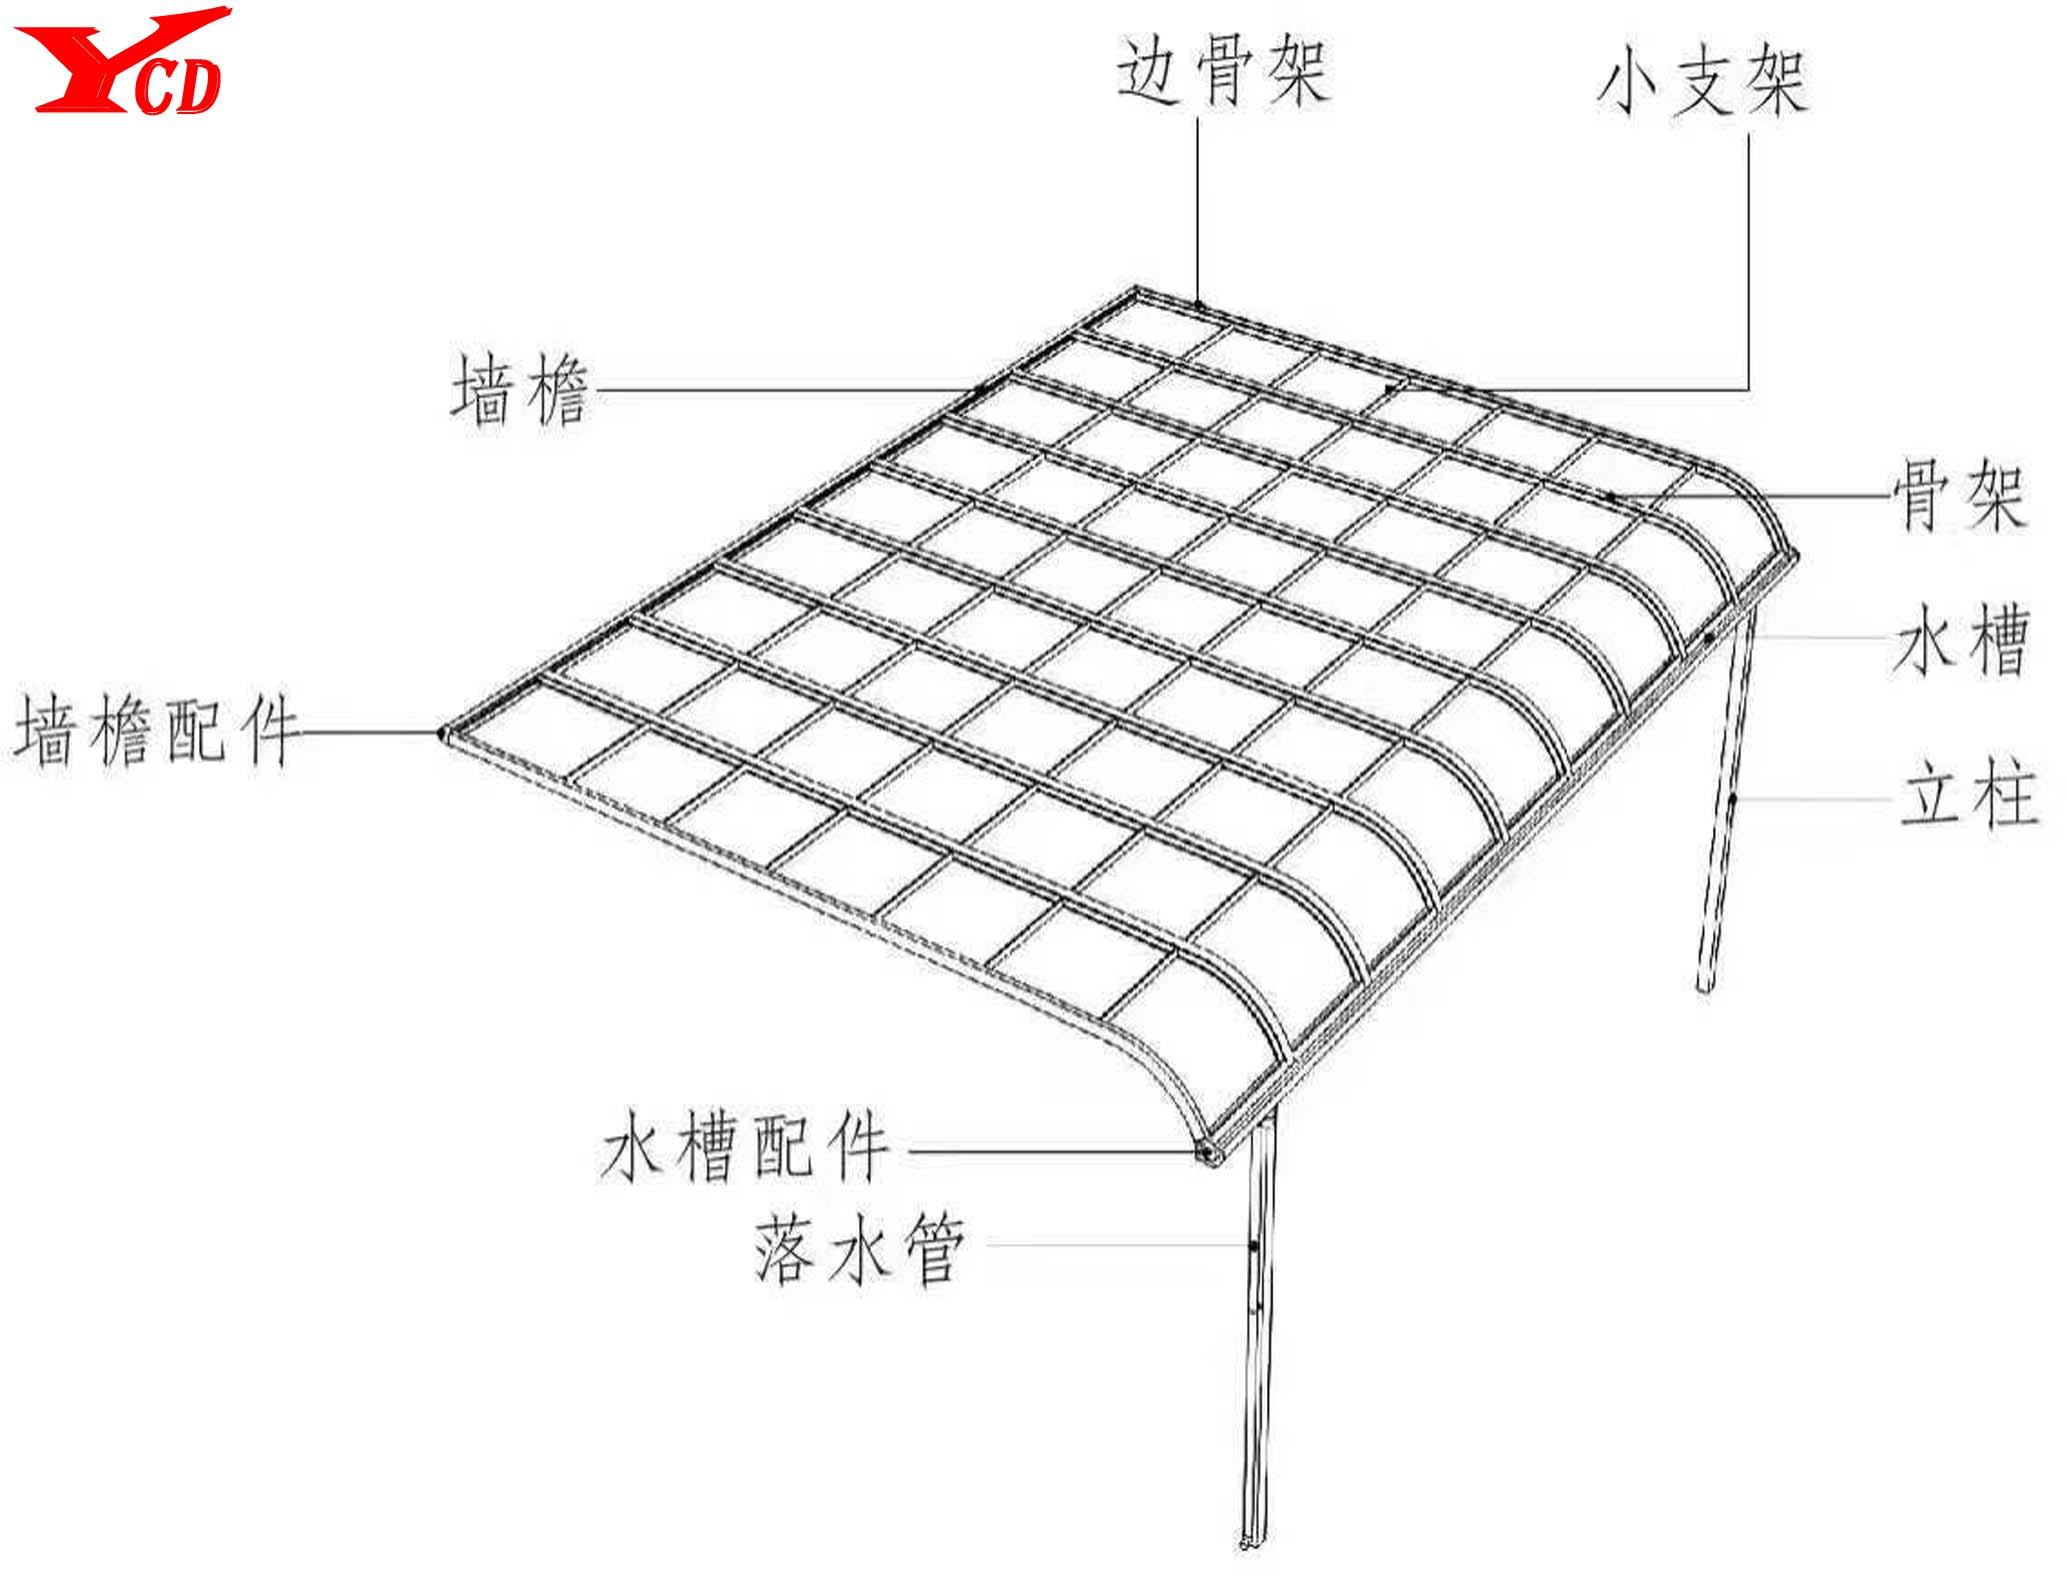 露台棚 露台棚-山东亿彩达遮阳节能科技有限公司